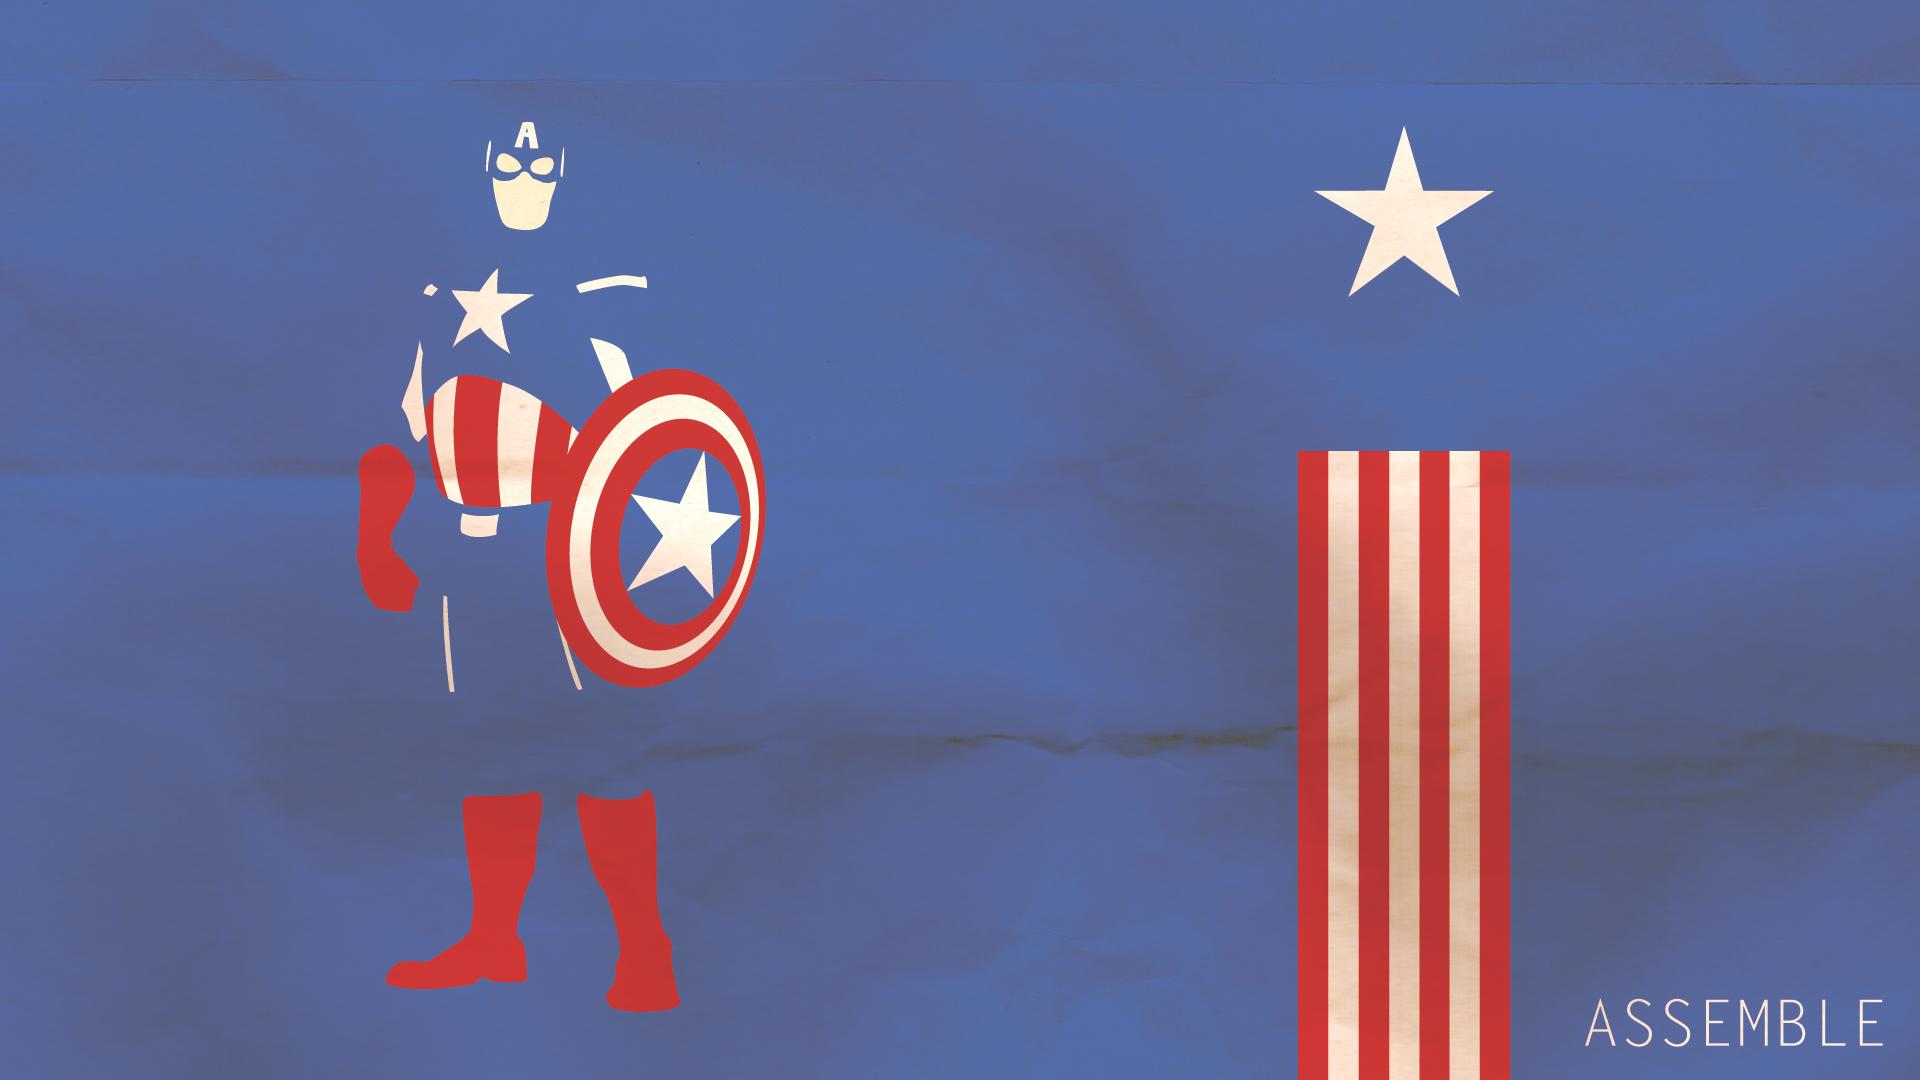 35 Captain America Wallpaper for Desktop 1920x1080